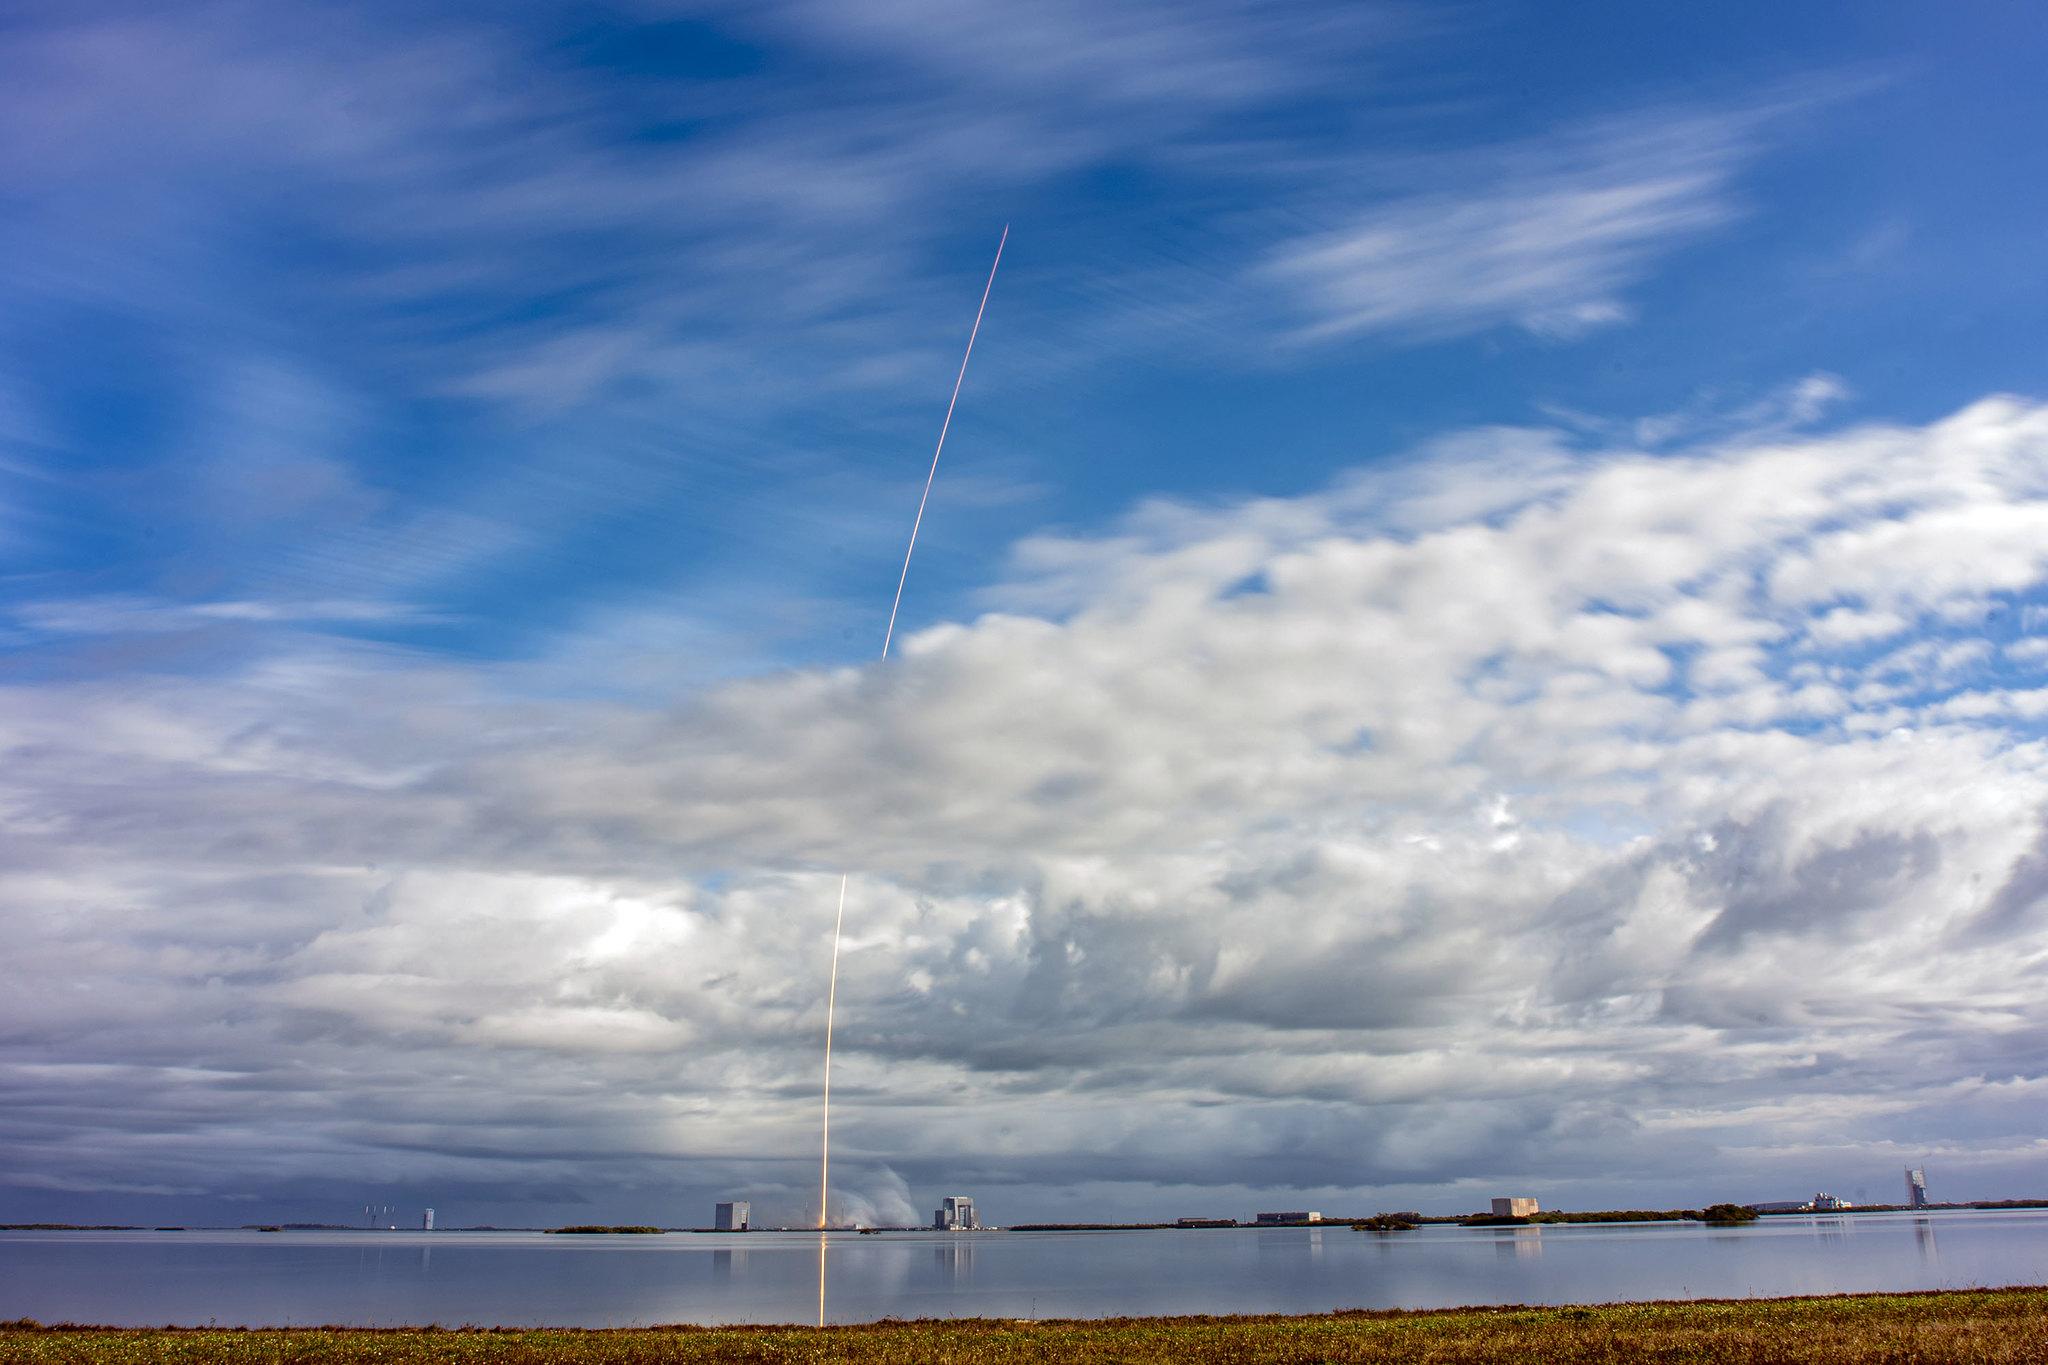 Як виглядав старт рекордної місії Transporter-1 від SpaceX